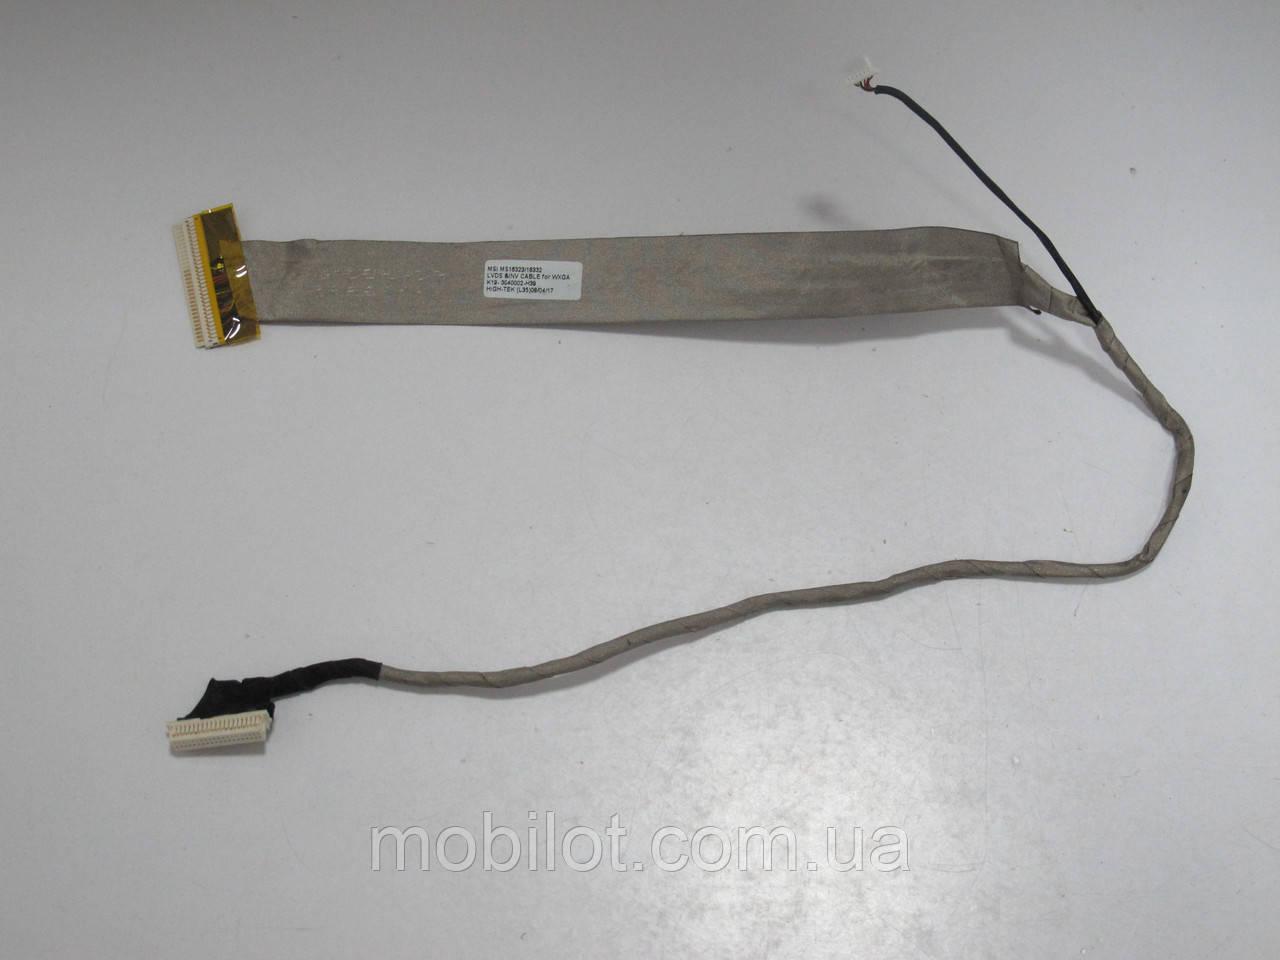 Шлейф матрицы MSI VR610 (NZ-7343)